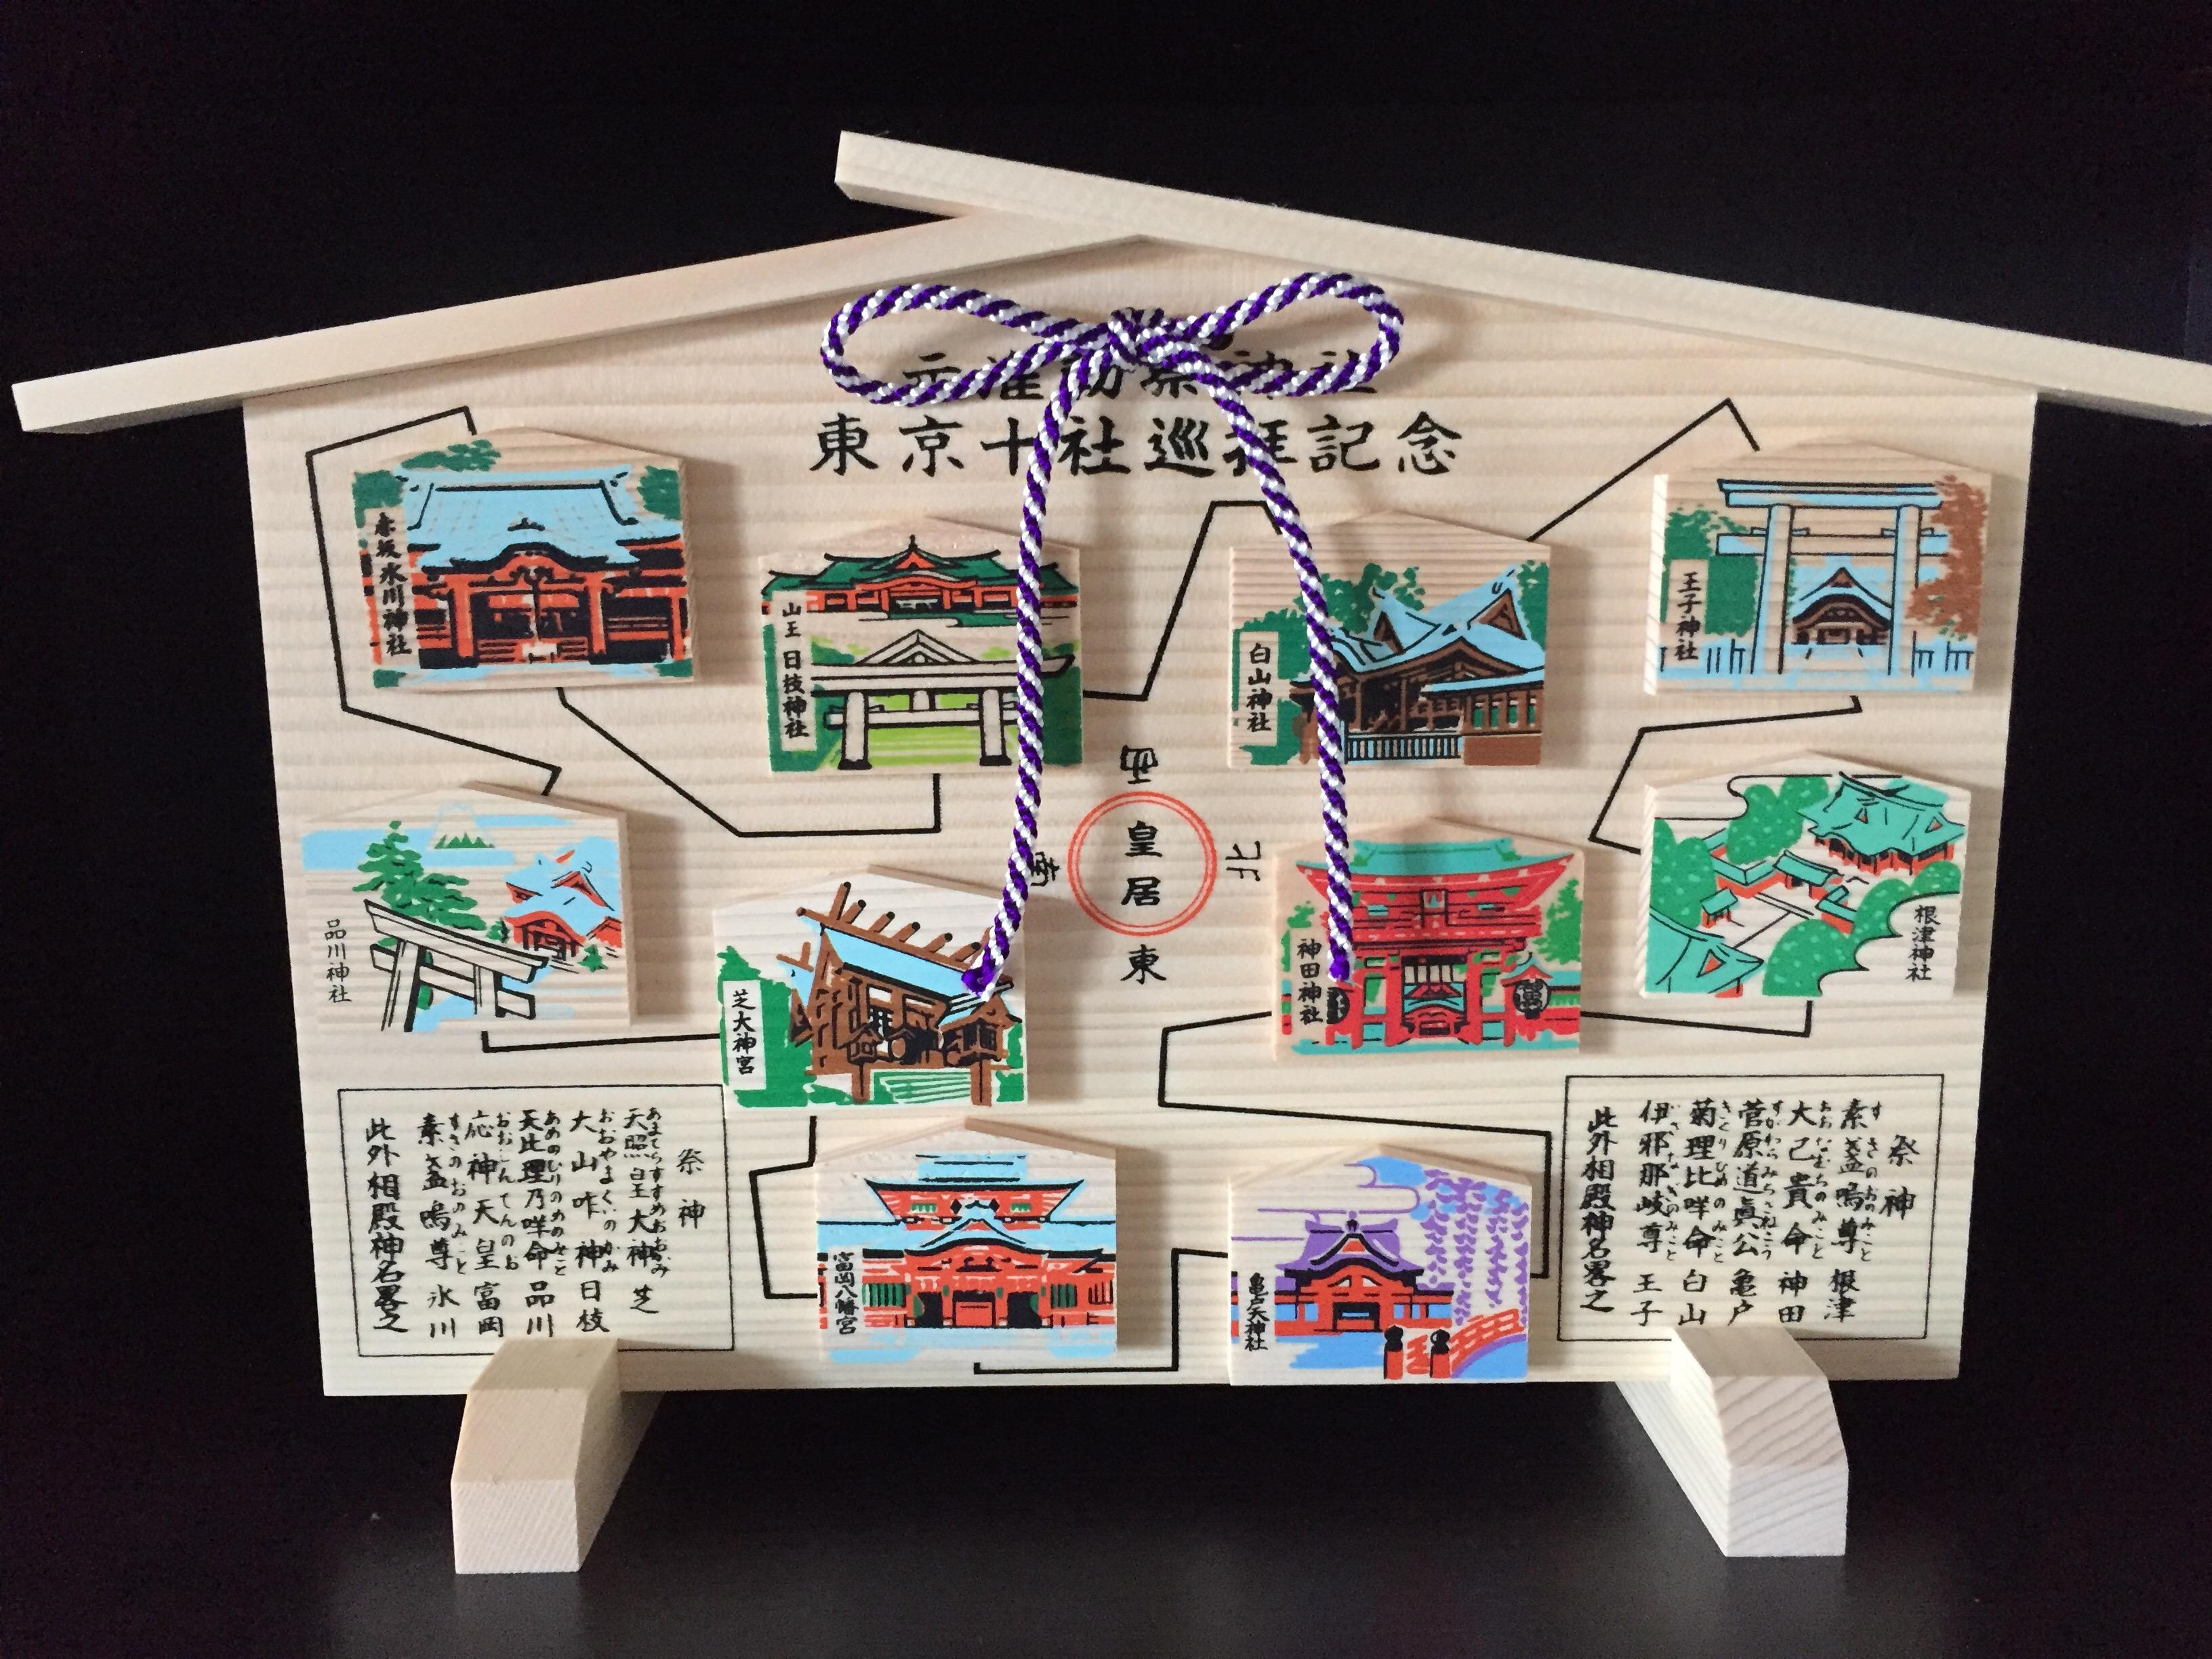 東京十社巡りの素敵なご褒美、ミニ絵馬でプレイバック